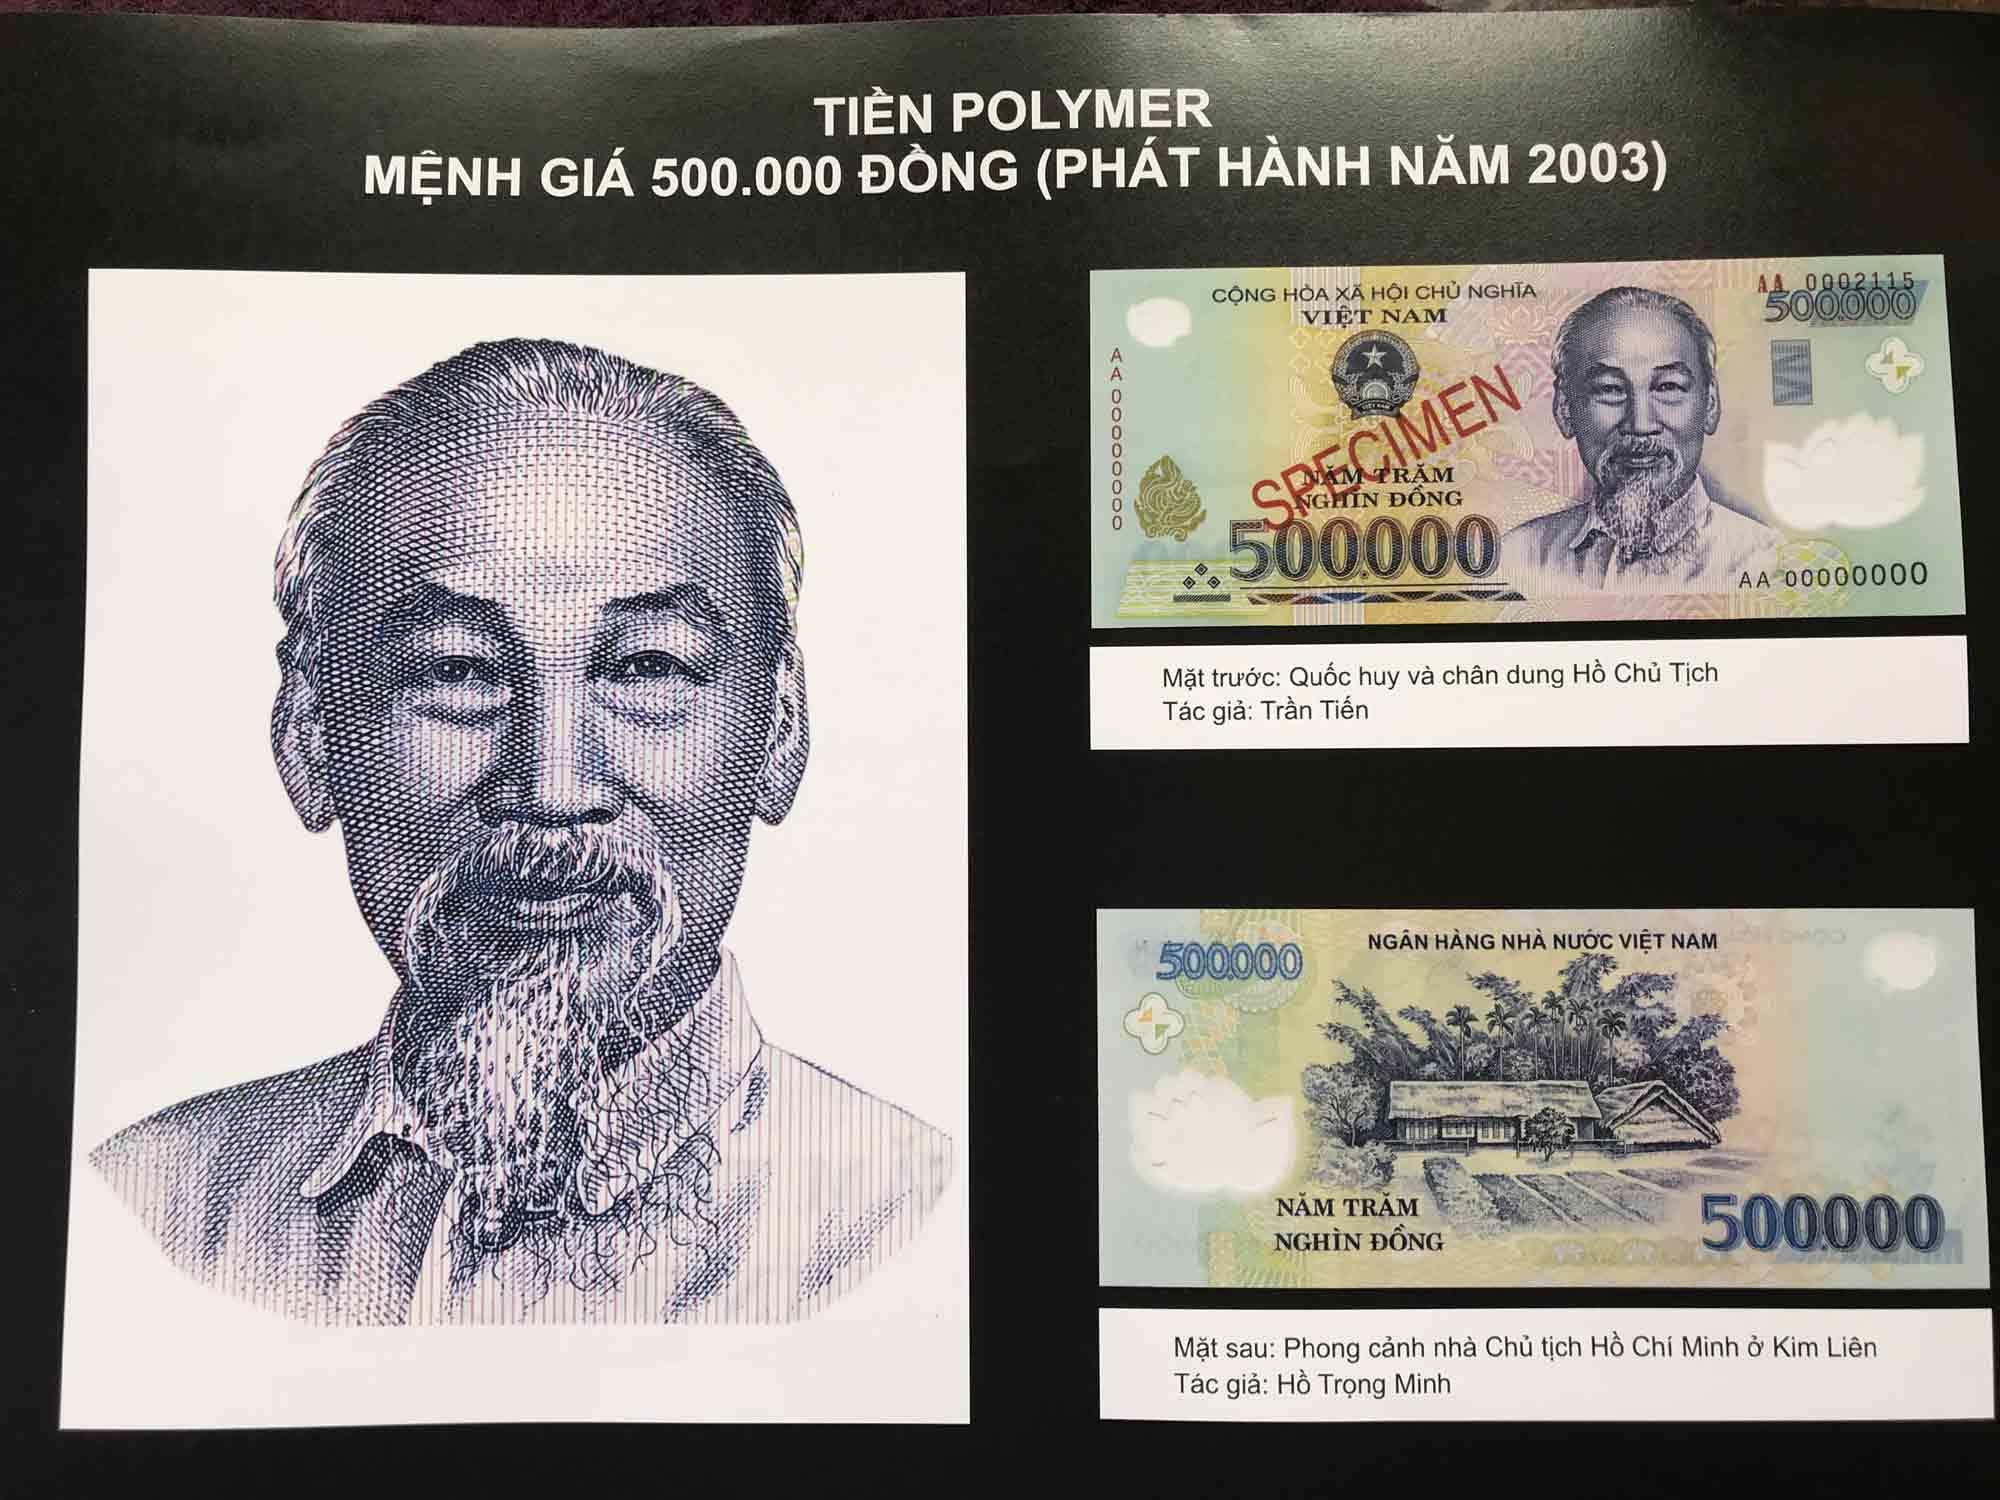 Hình ảnh Chủ tịch Hồ Chí Minh trên đồng tiền Việt Nam